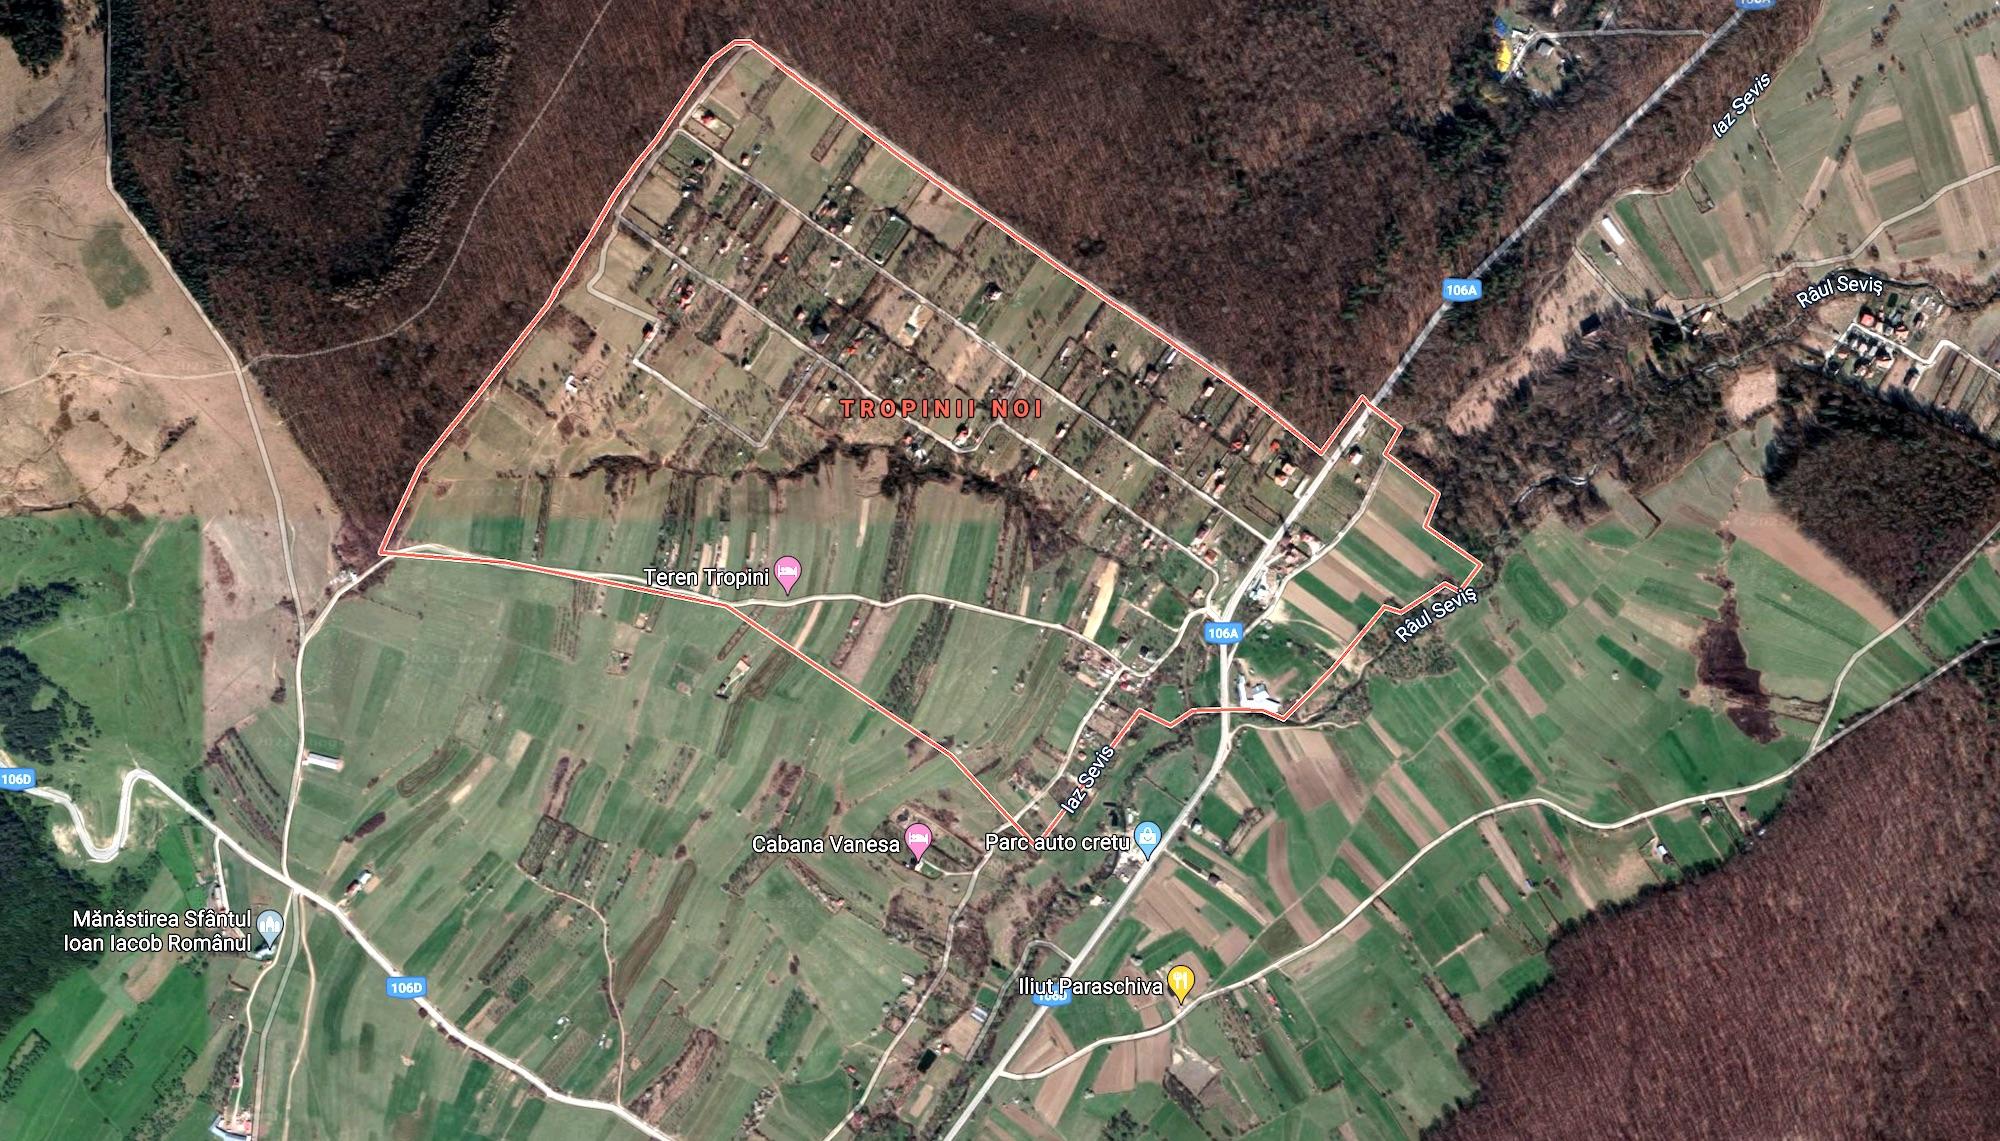 Anormalitatea de la periferie: casele și terenurile aparțin de Sibiu, drumurile – de Rășinari